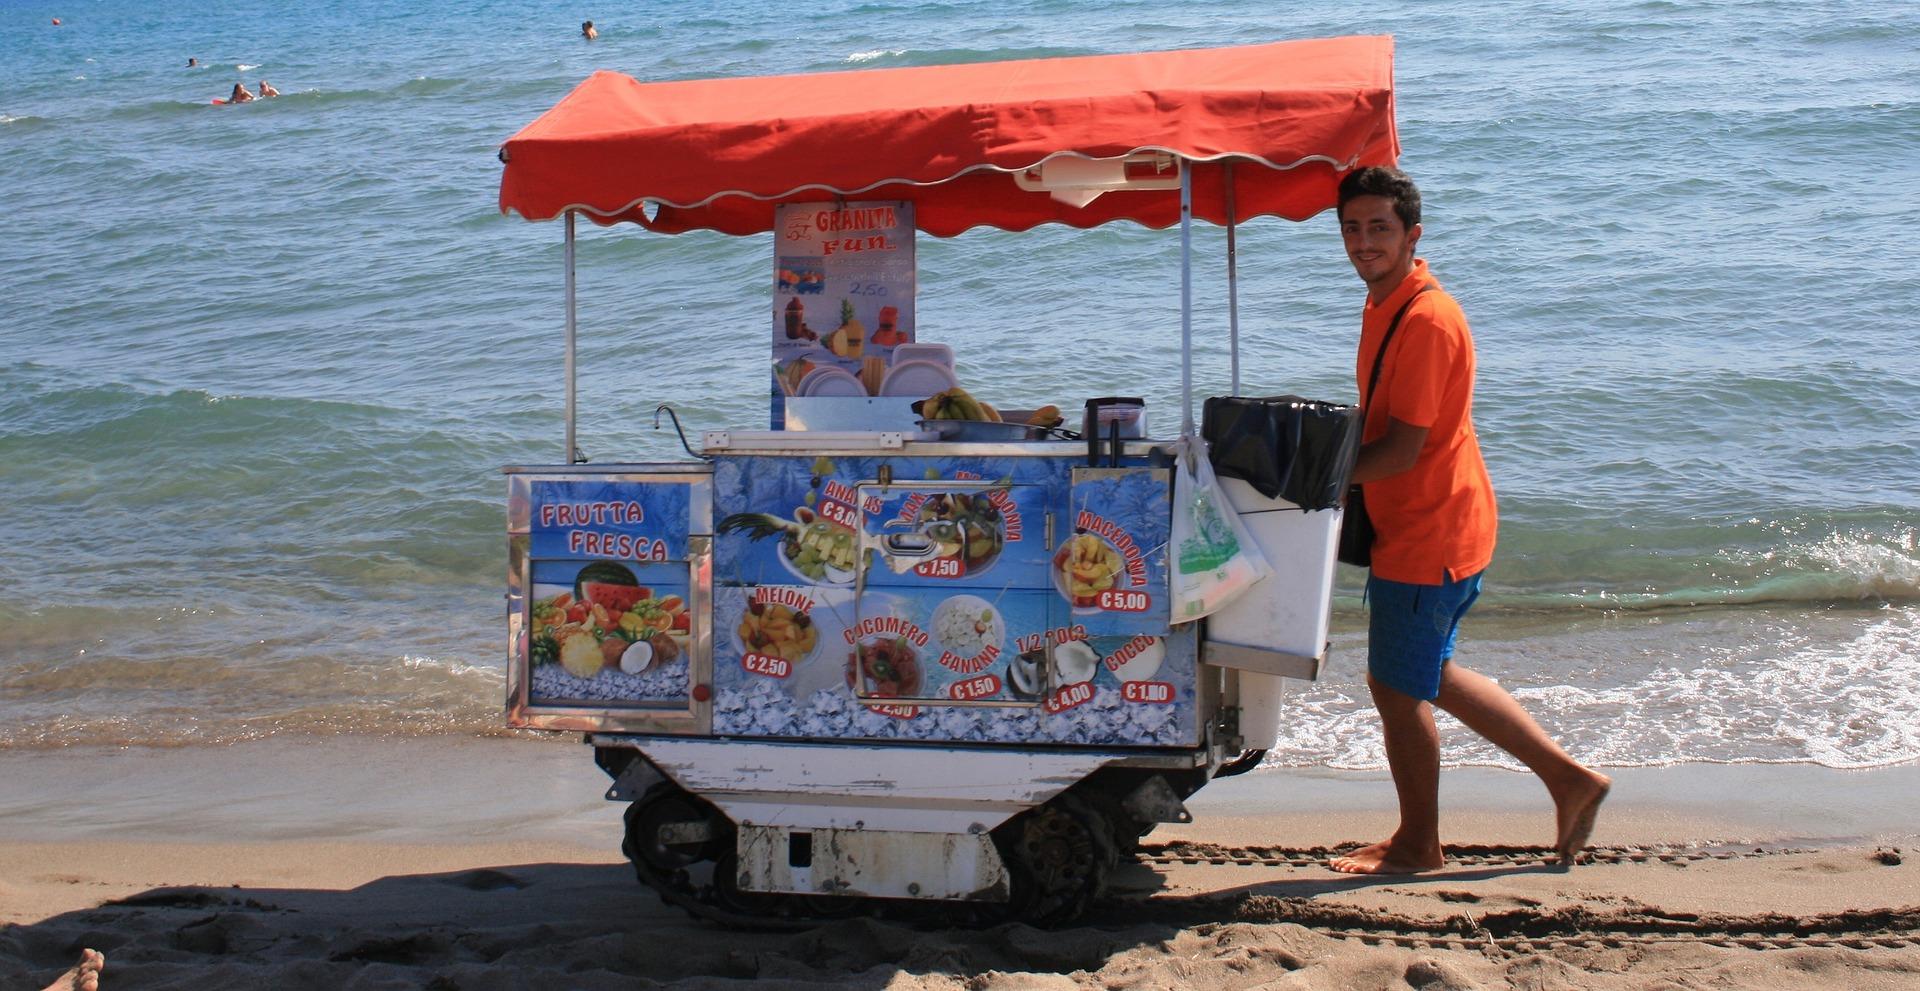 Job étudiant : toutes les meilleures offres  de job d'été